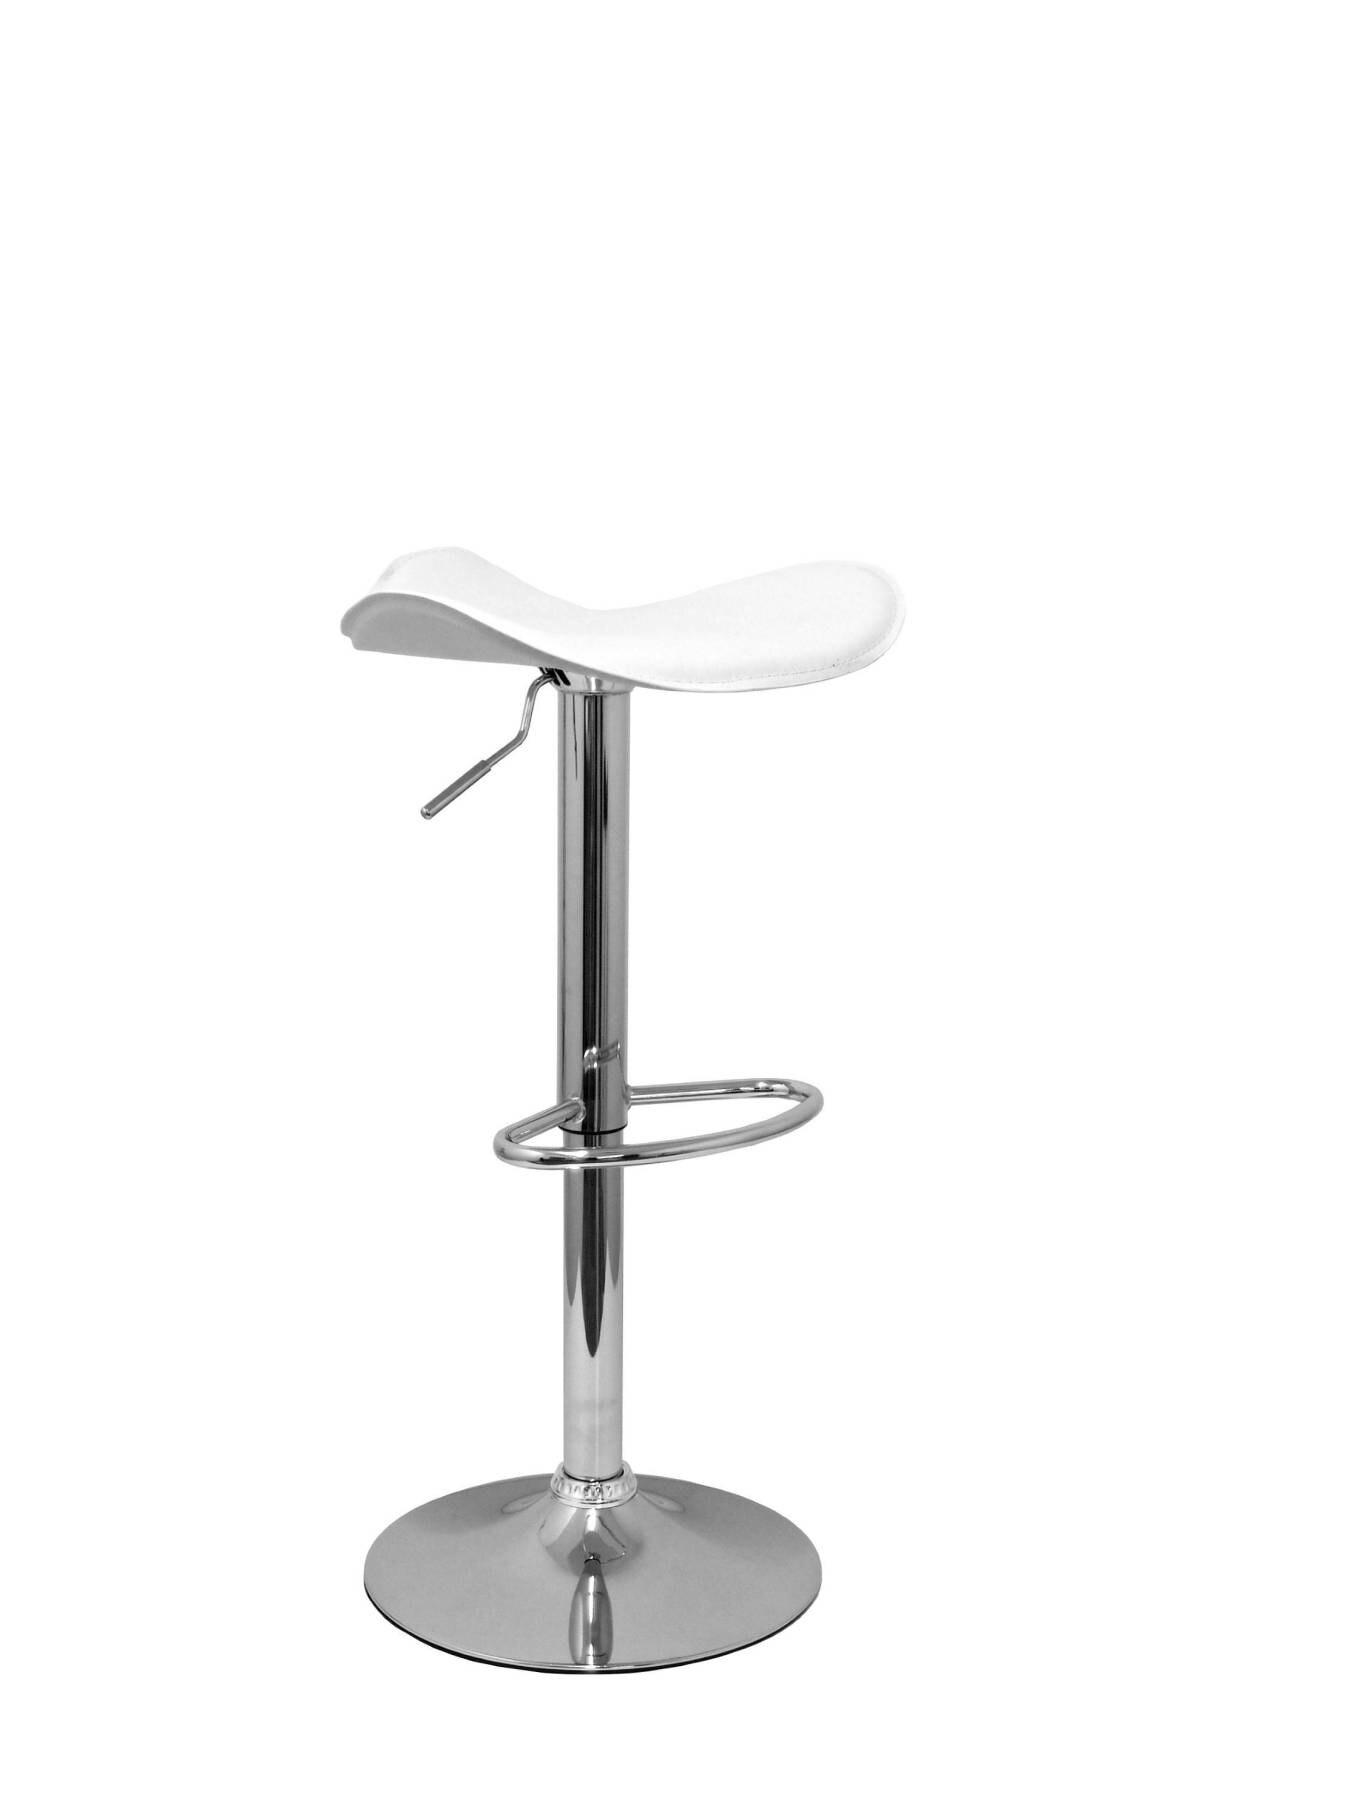 شريط البراز ، قطب وعكس الضوء في ارتفاع عال باستخدام أسطوانة غاز (تشمل أوتاد القدم هوب الكروم) مقعد de P